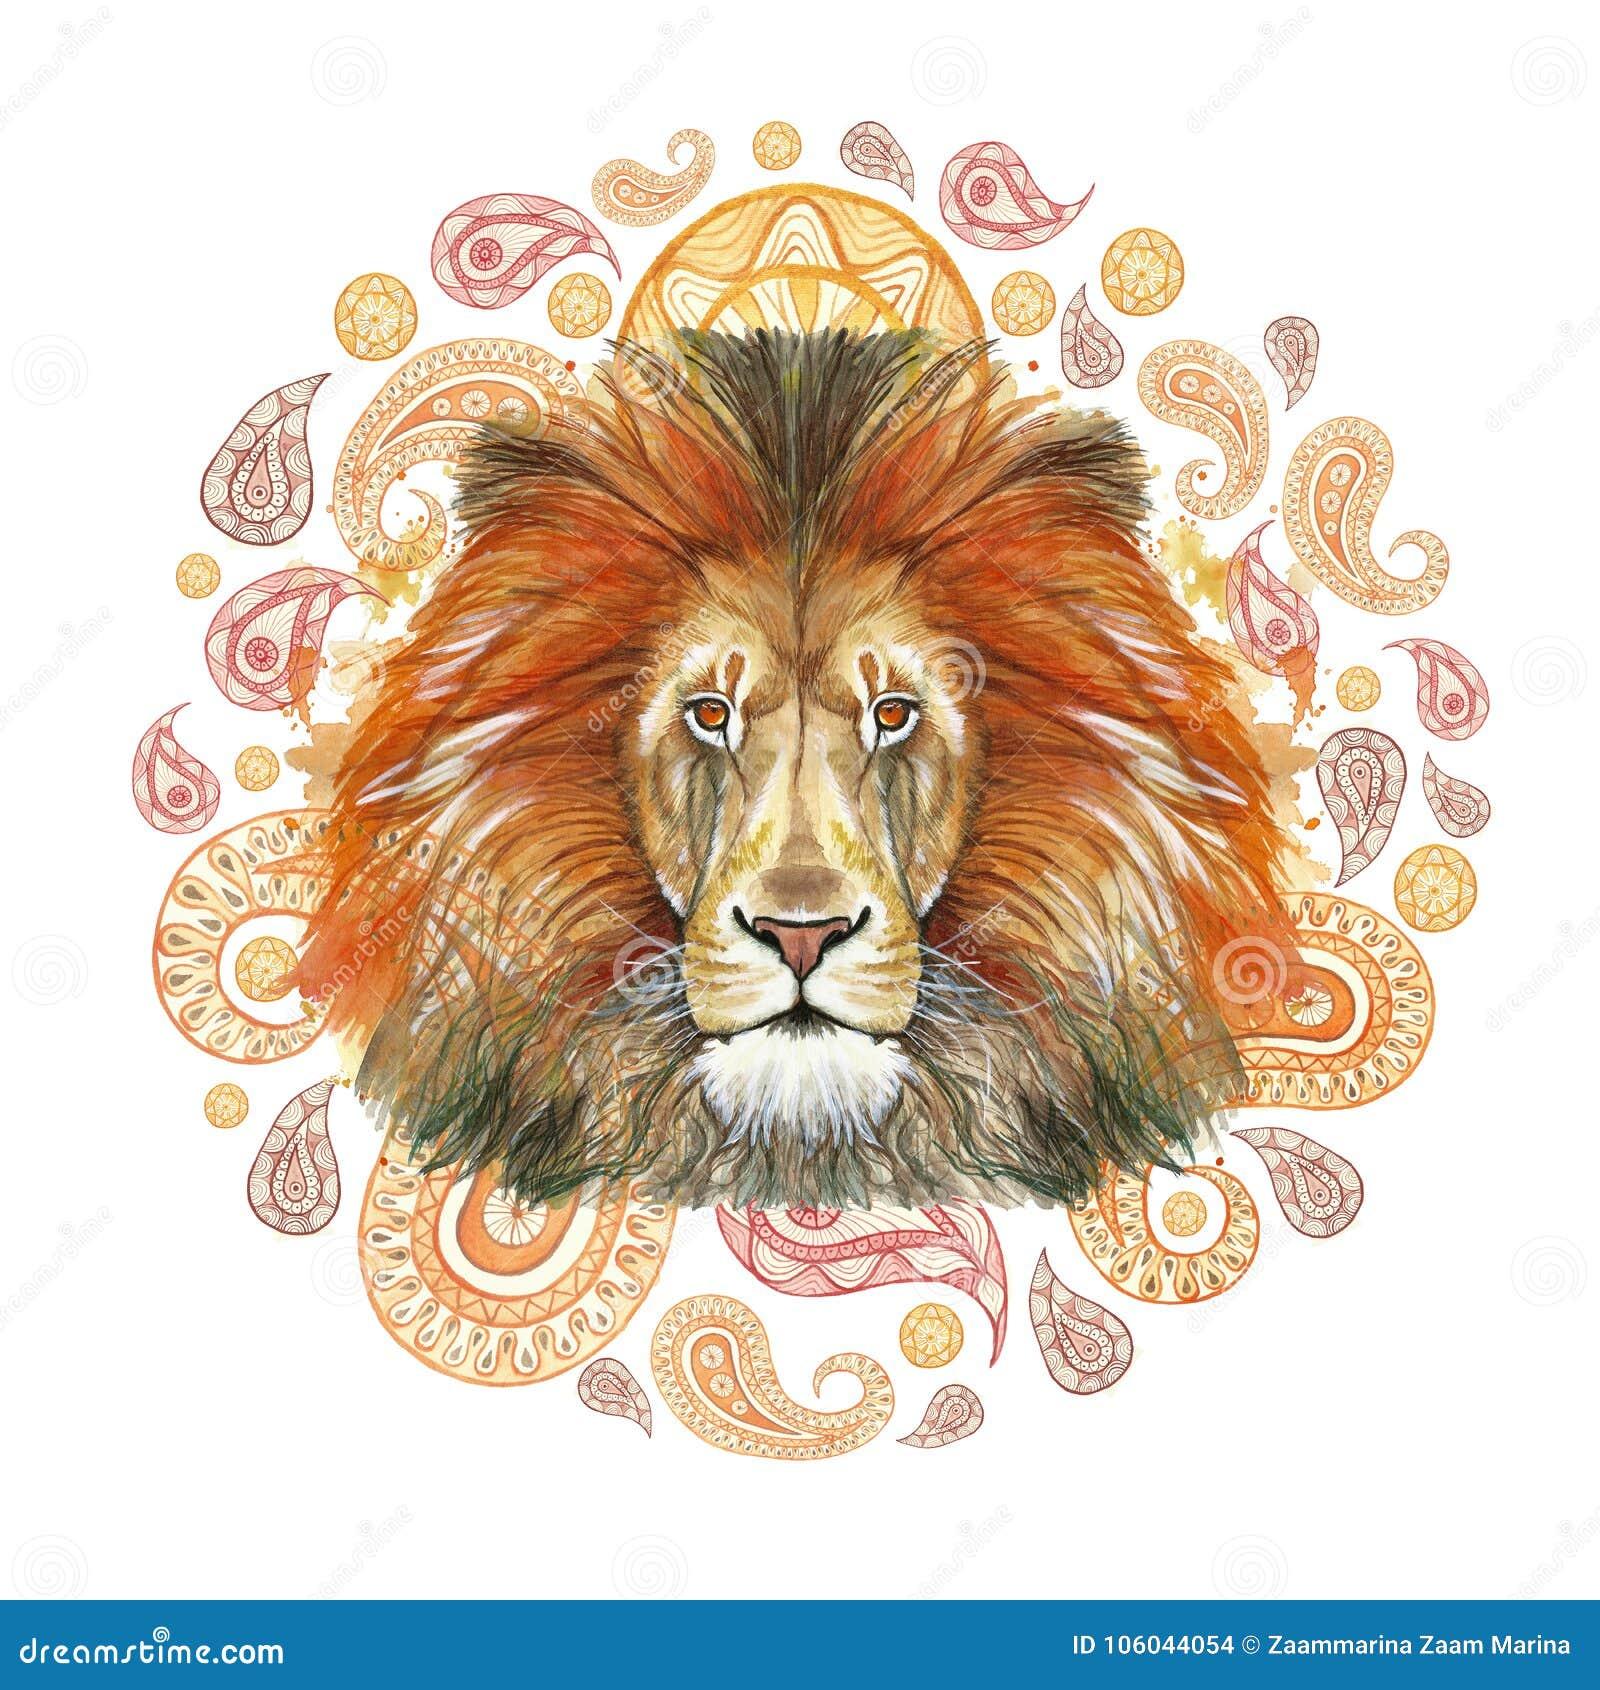 Akwarela rysunek zwierzęcy ssaka drapieżnik, czerwony lew, czerwona grzywa, królewiątko bestie, portret wielkość, siła, królestwo